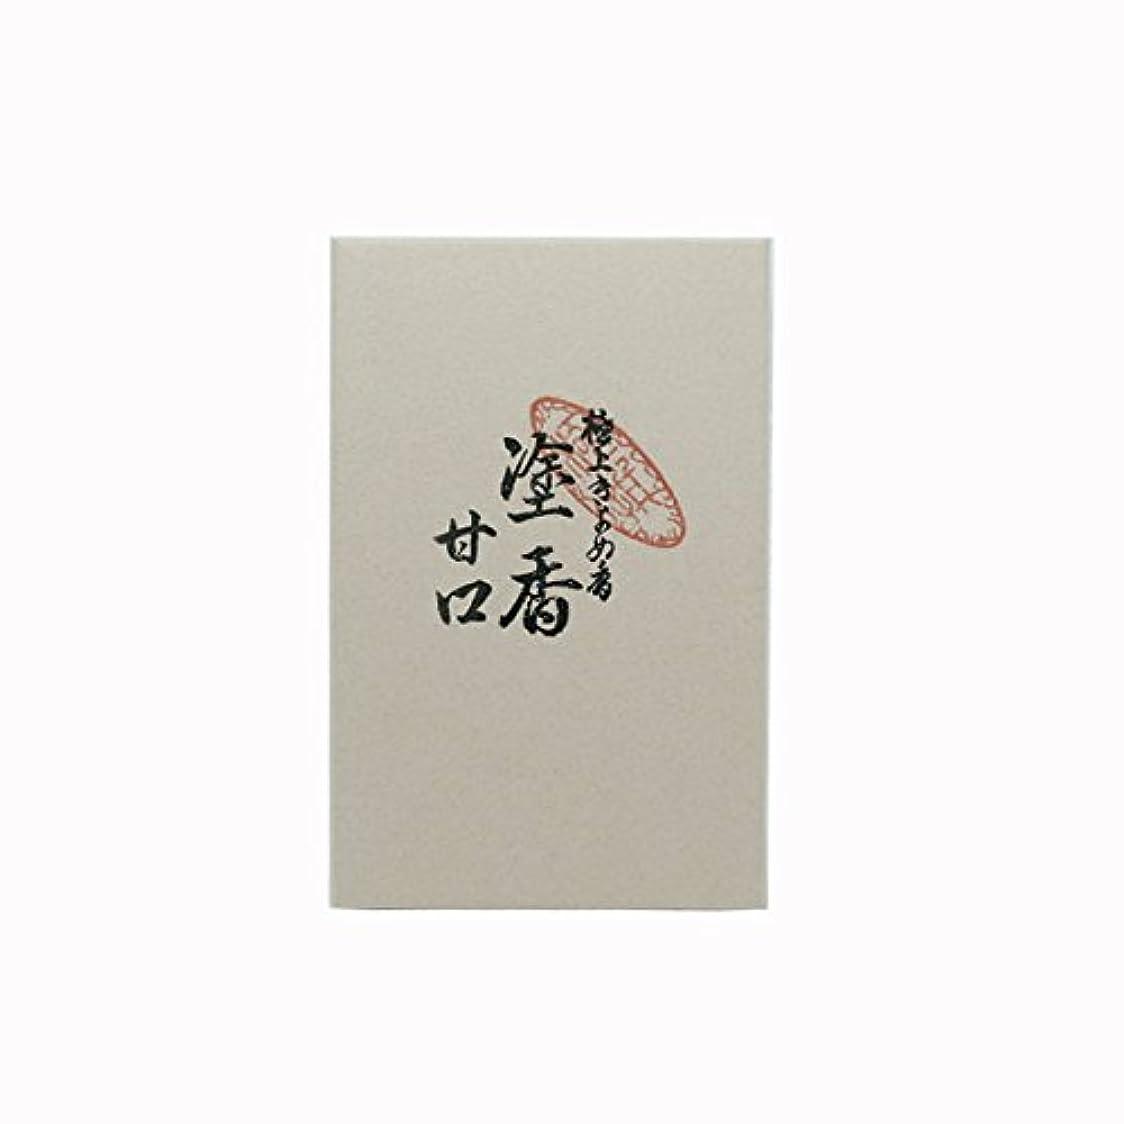 オークション暗黙大破塗香(甘口) 12g入